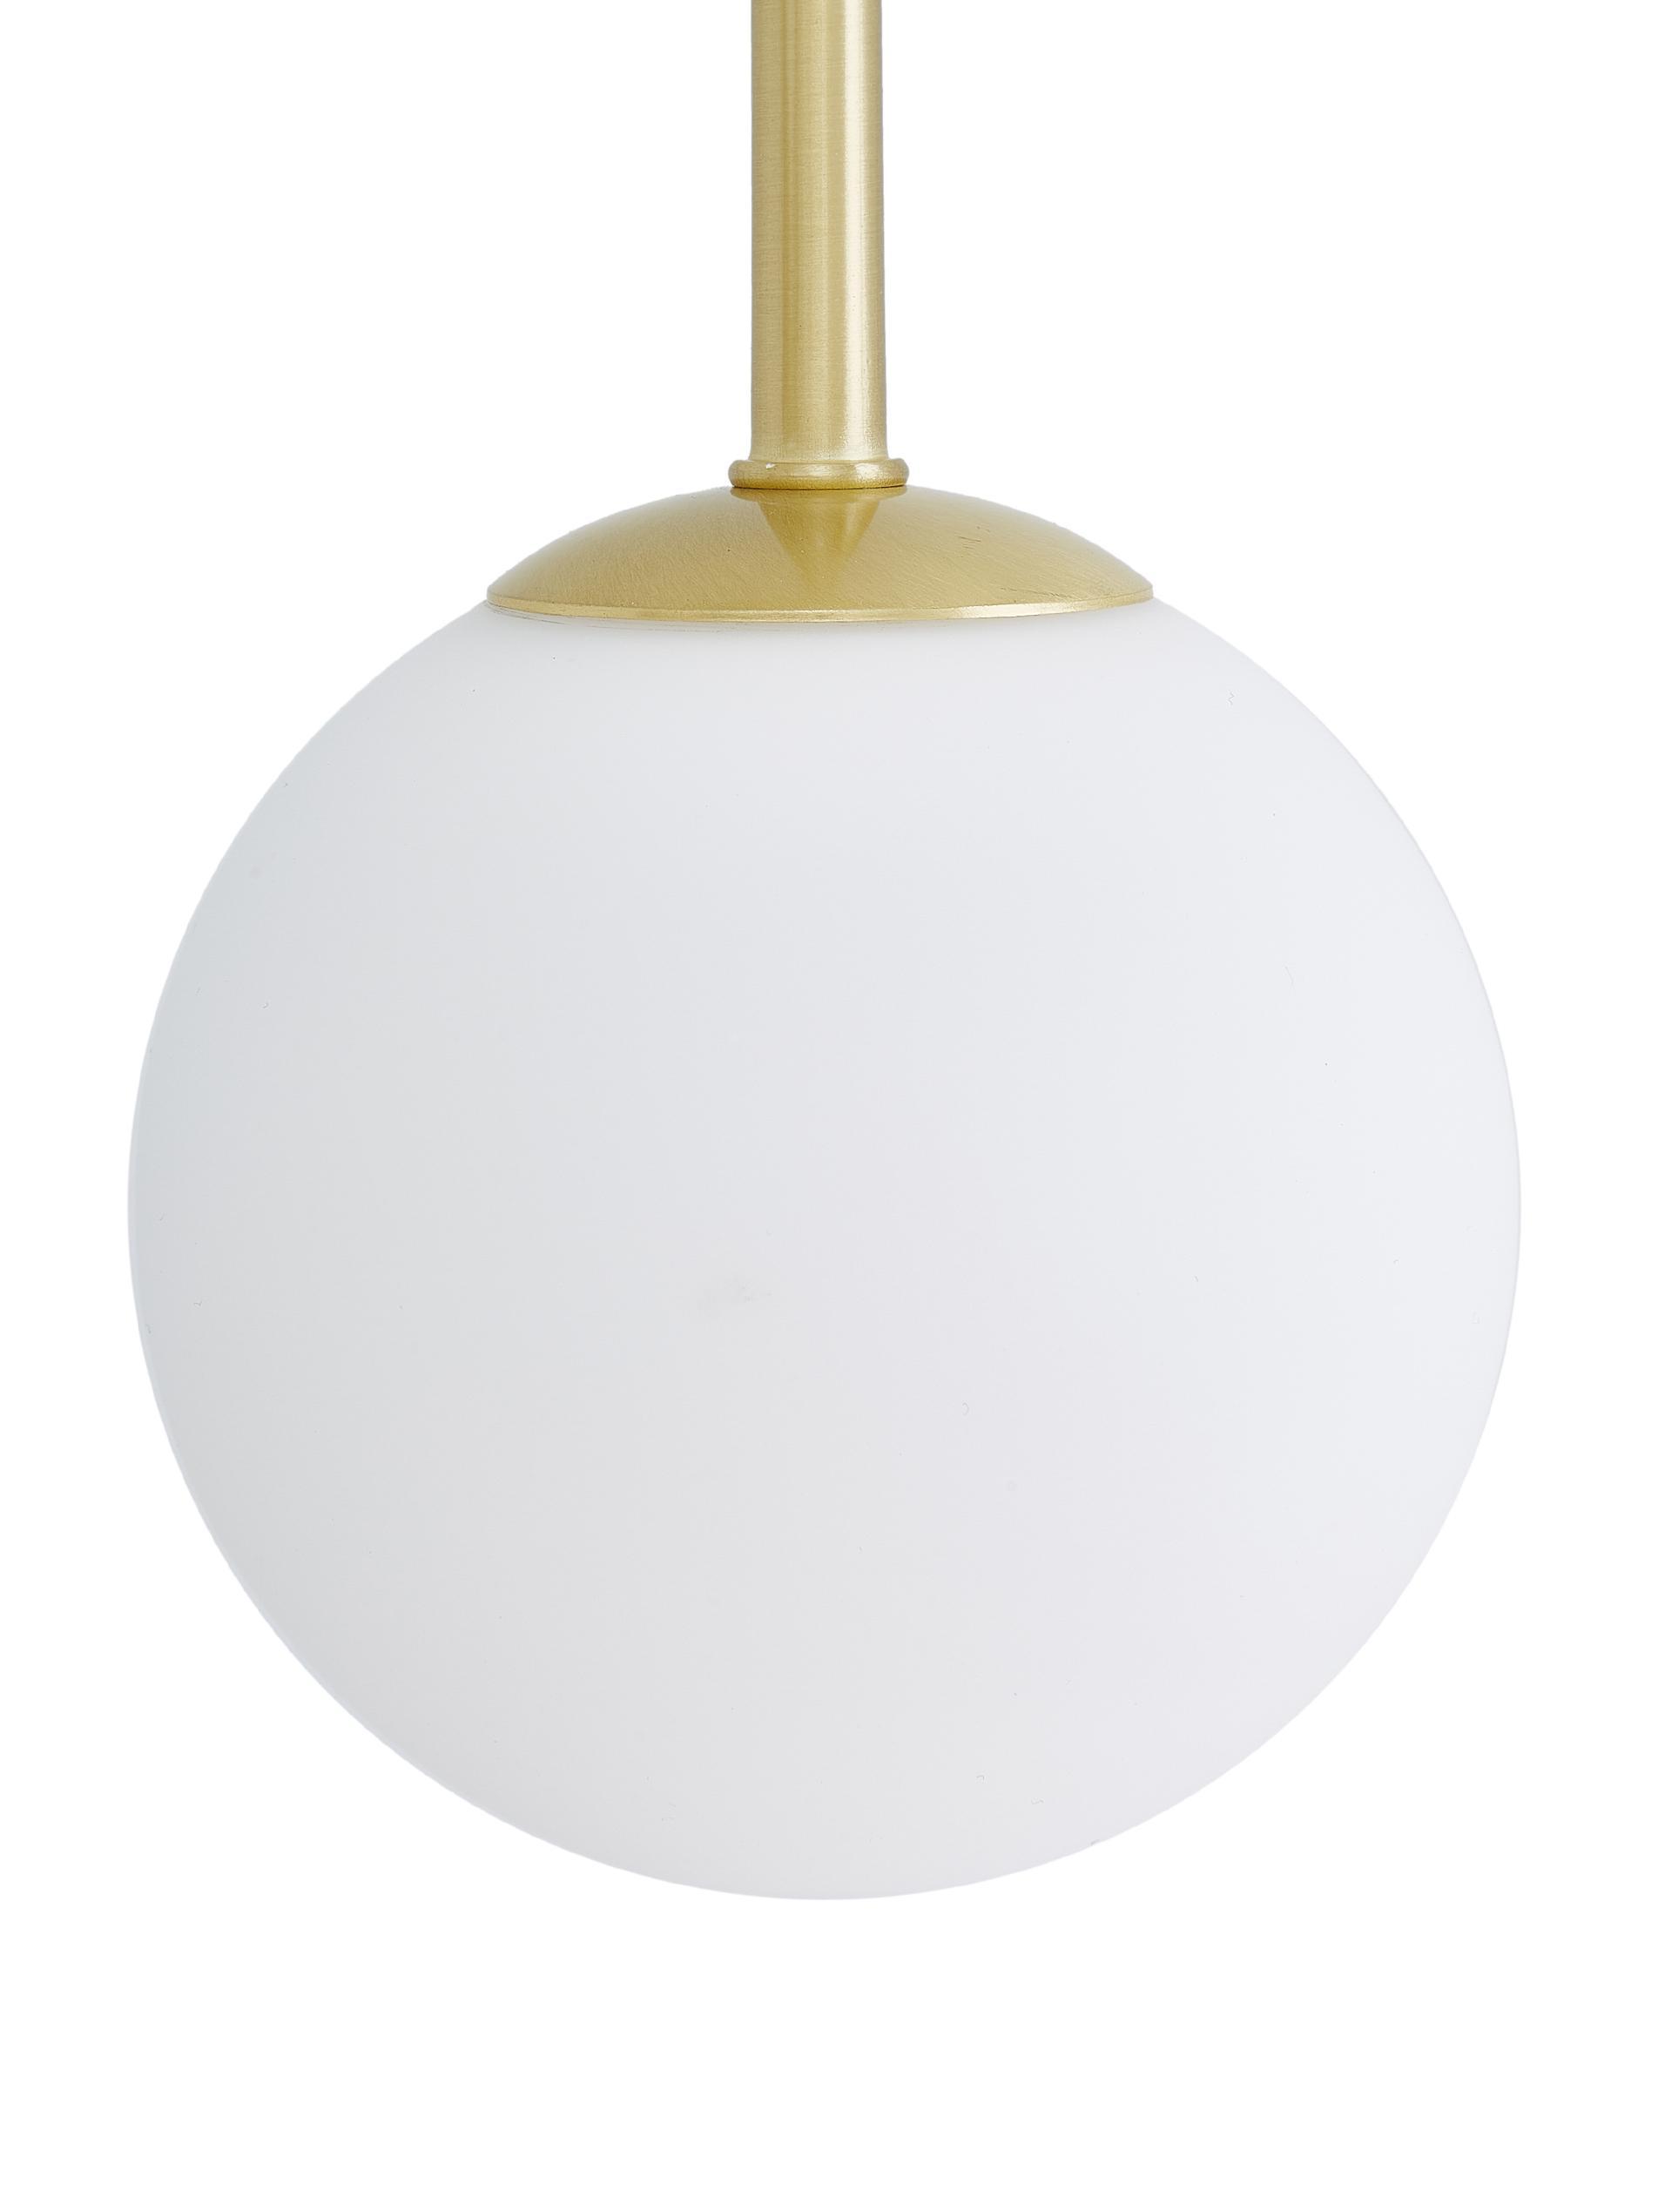 Pendelleuchte Moon, Baldachin und Fassung: Messing, gebürstetLampenschirme: WeißKabel: Schwarz, B 112 x T 10 cm